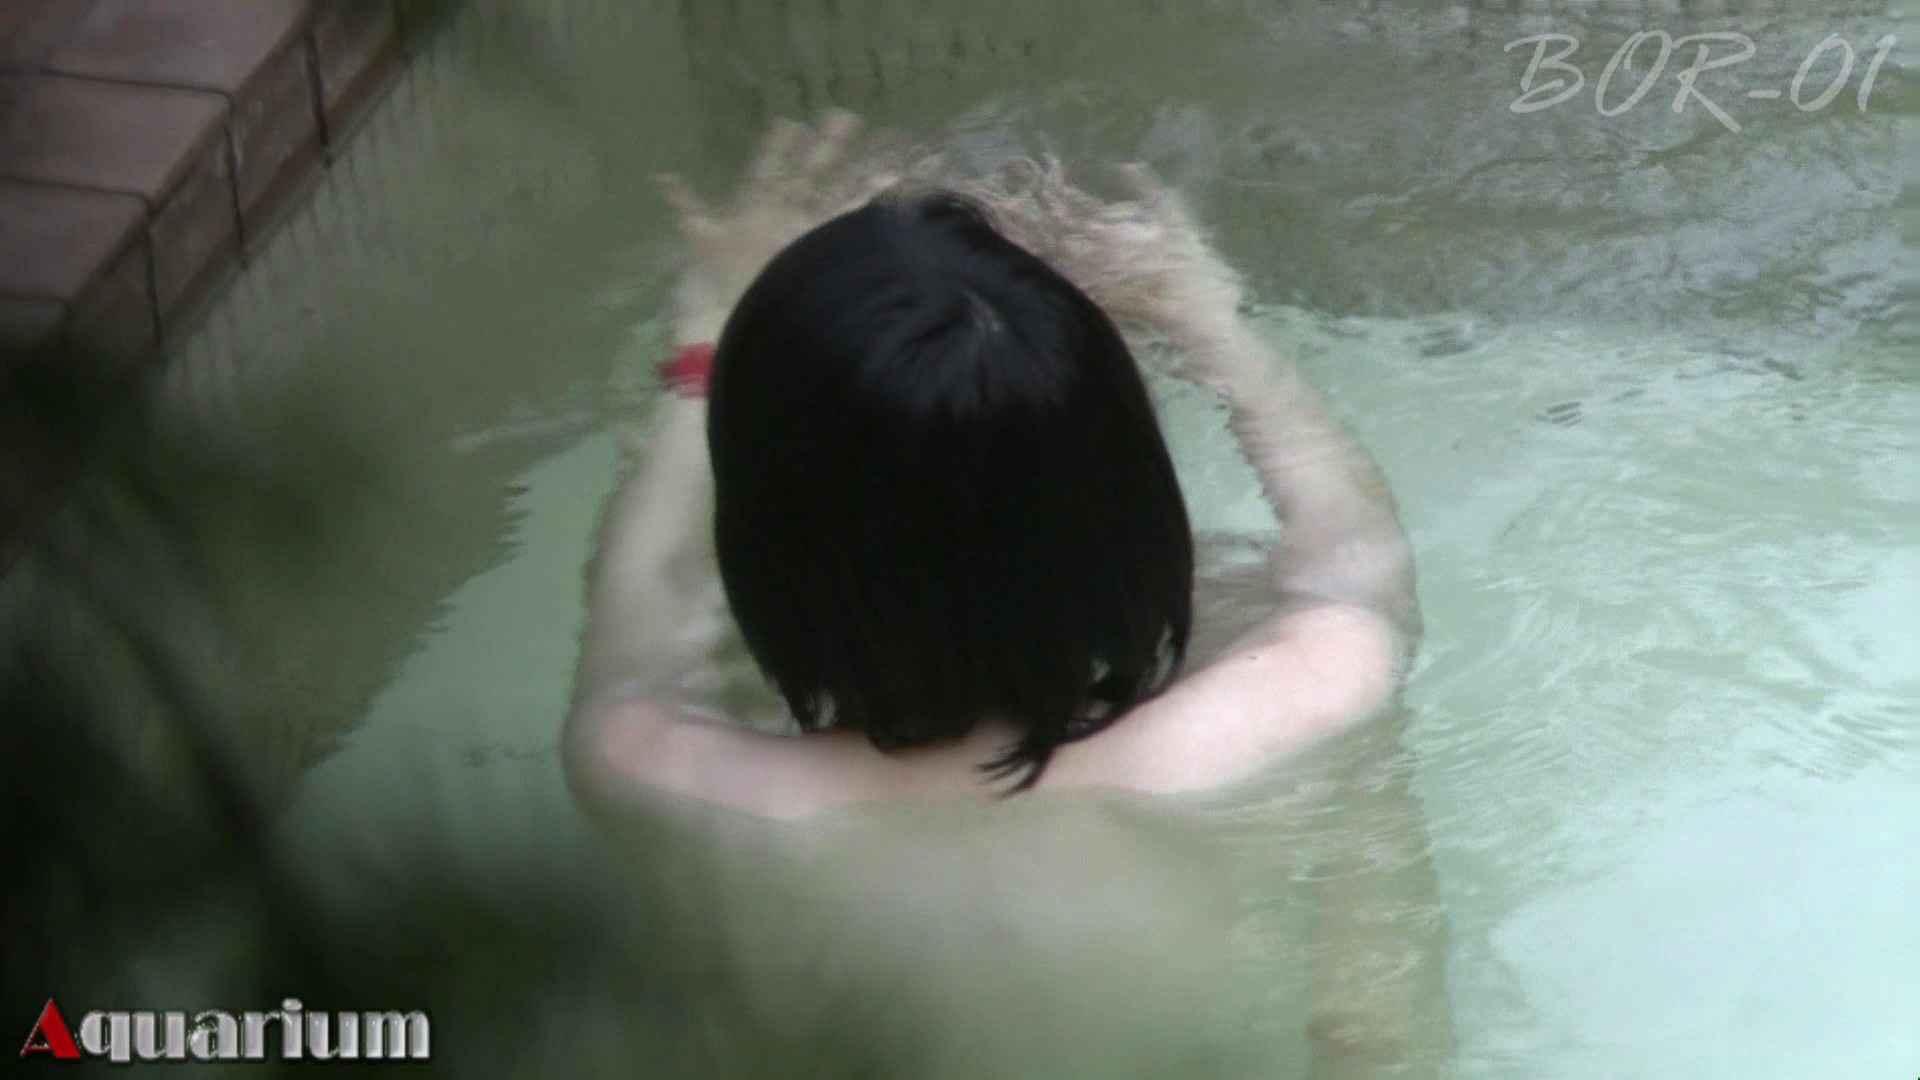 Aquaな露天風呂Vol.466 OLエロ画像 | 露天  93PICs 46